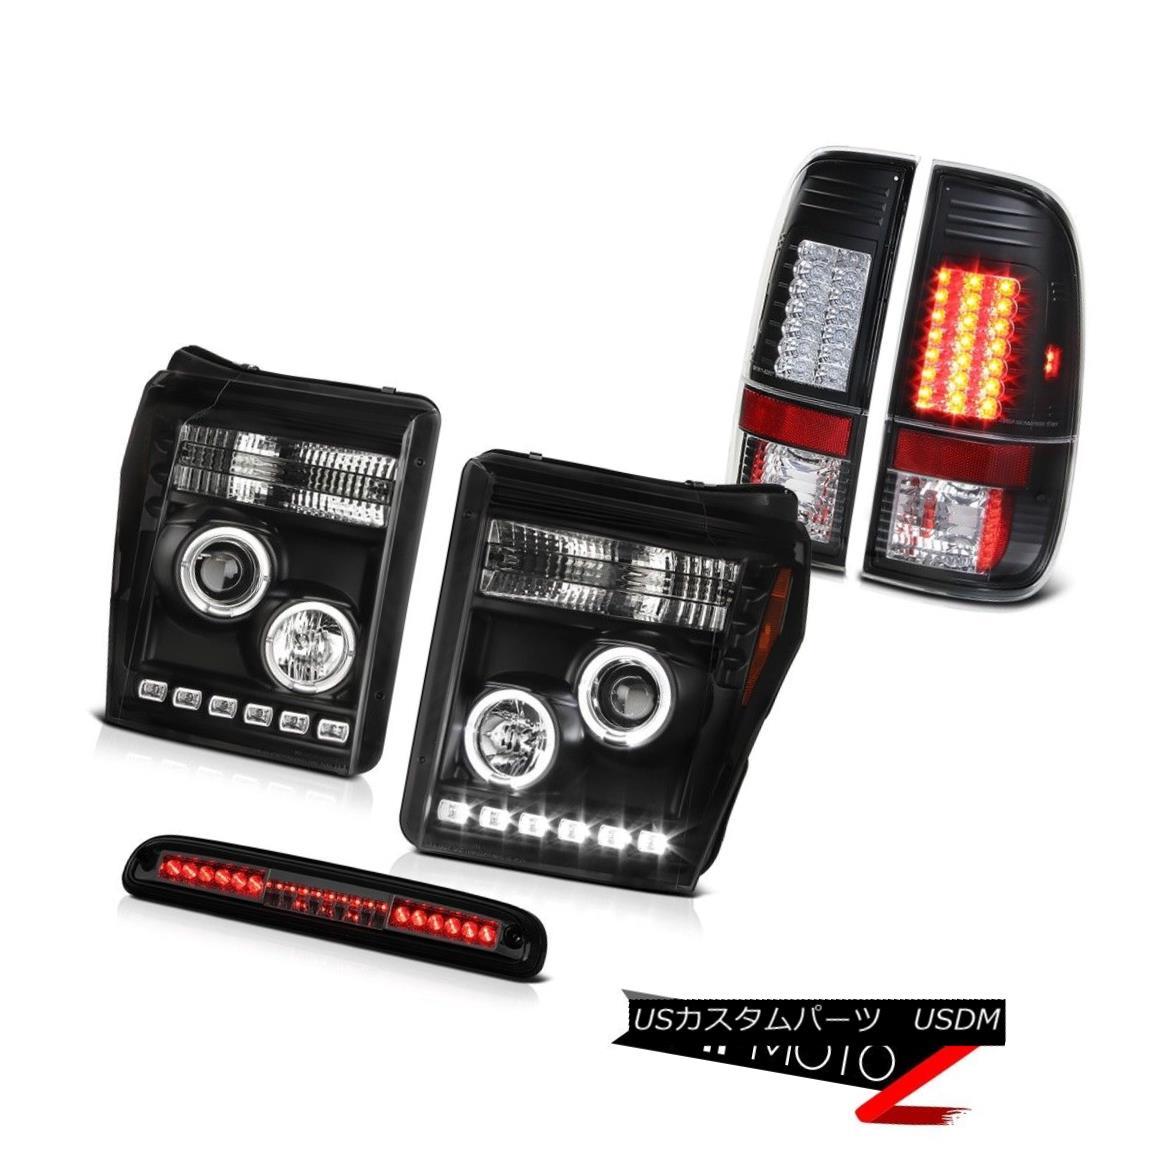 テールライト 2011-2016 F250 Turobdiesel Phantom Smoke 3RD Brake Light Tail Lights Headlights 2011-2016 F250ターボディーゼルファントムスモーク3RDブレーキライトテールライトヘッドライト